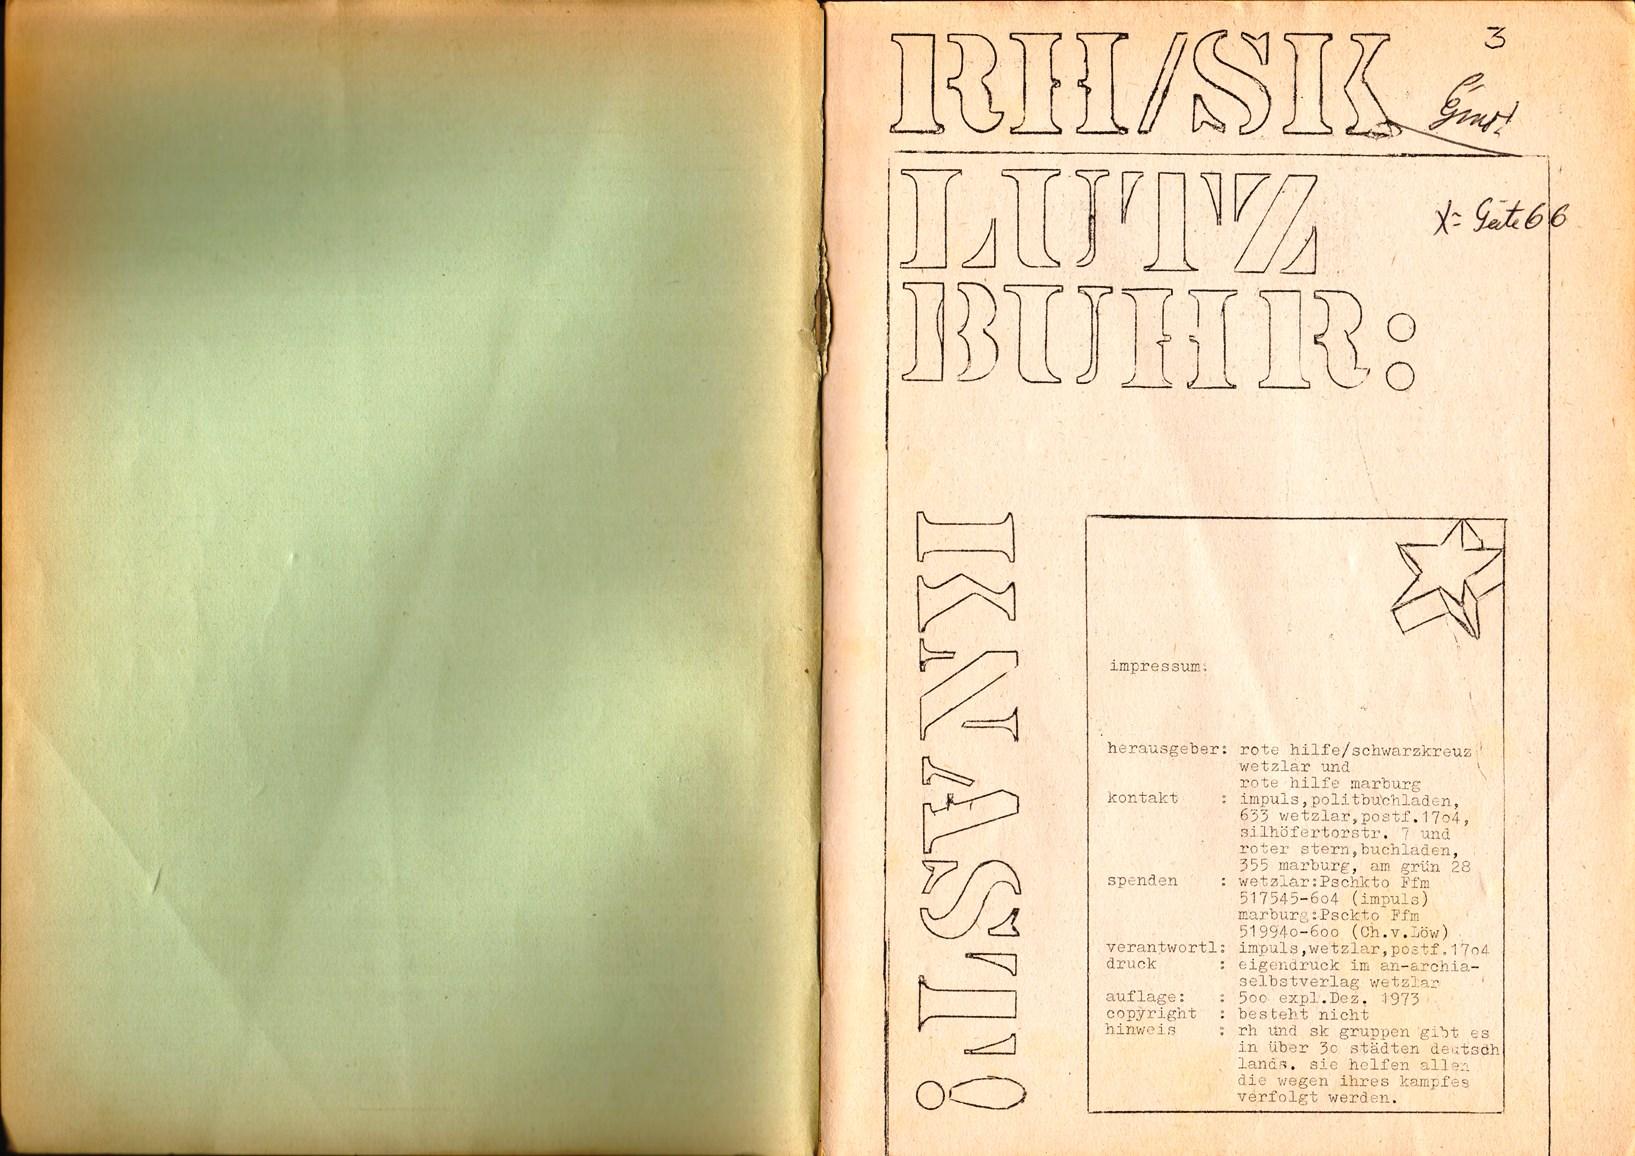 Wetzlar_Marburg_RH_SK_Lutz_Buhr_Knast_1973_02